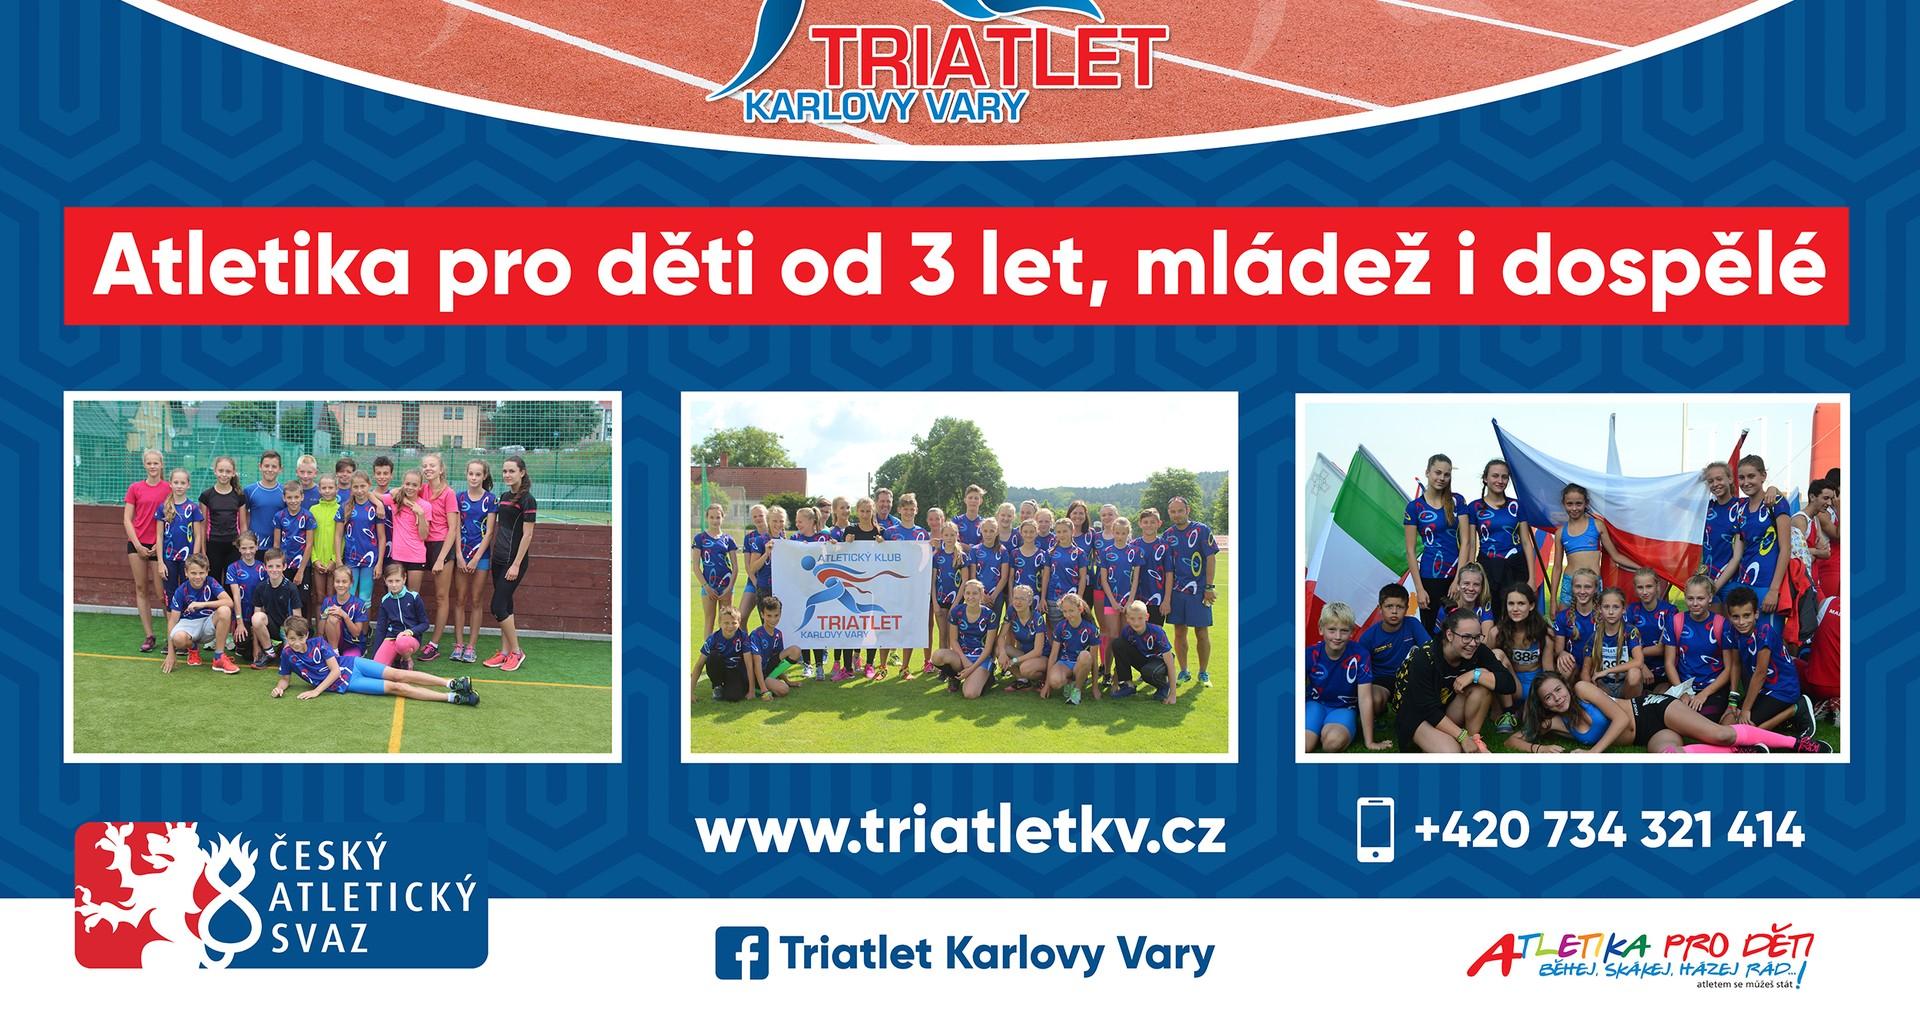 Triatlet Karlovy vary